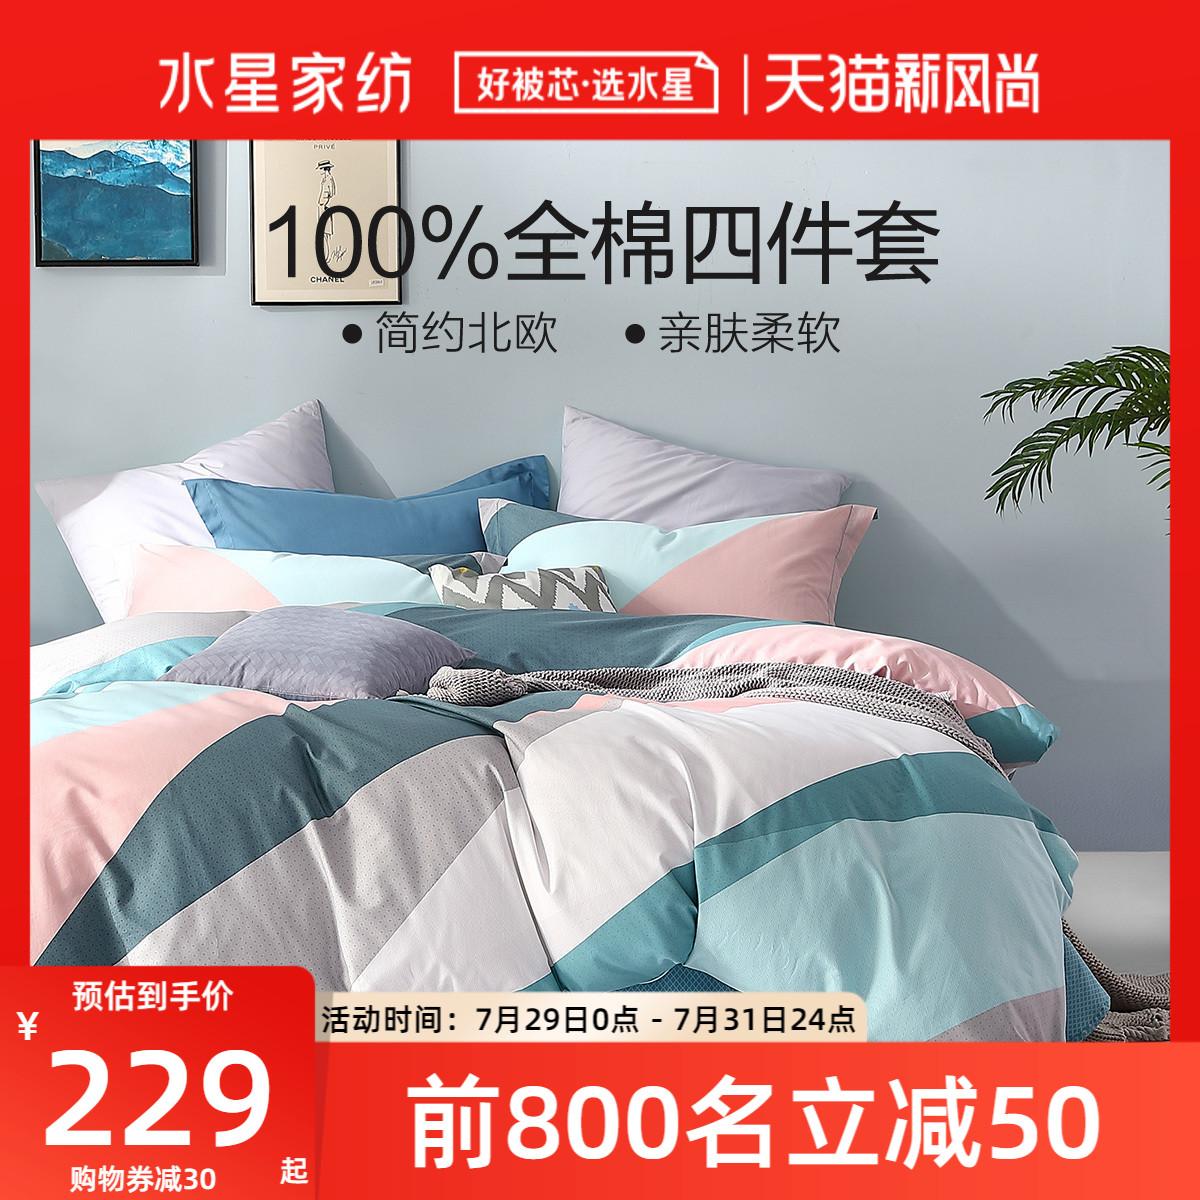 水星家纺床上四件套夏季全棉纯棉学生宿舍床笠被套床单1.8m被罩